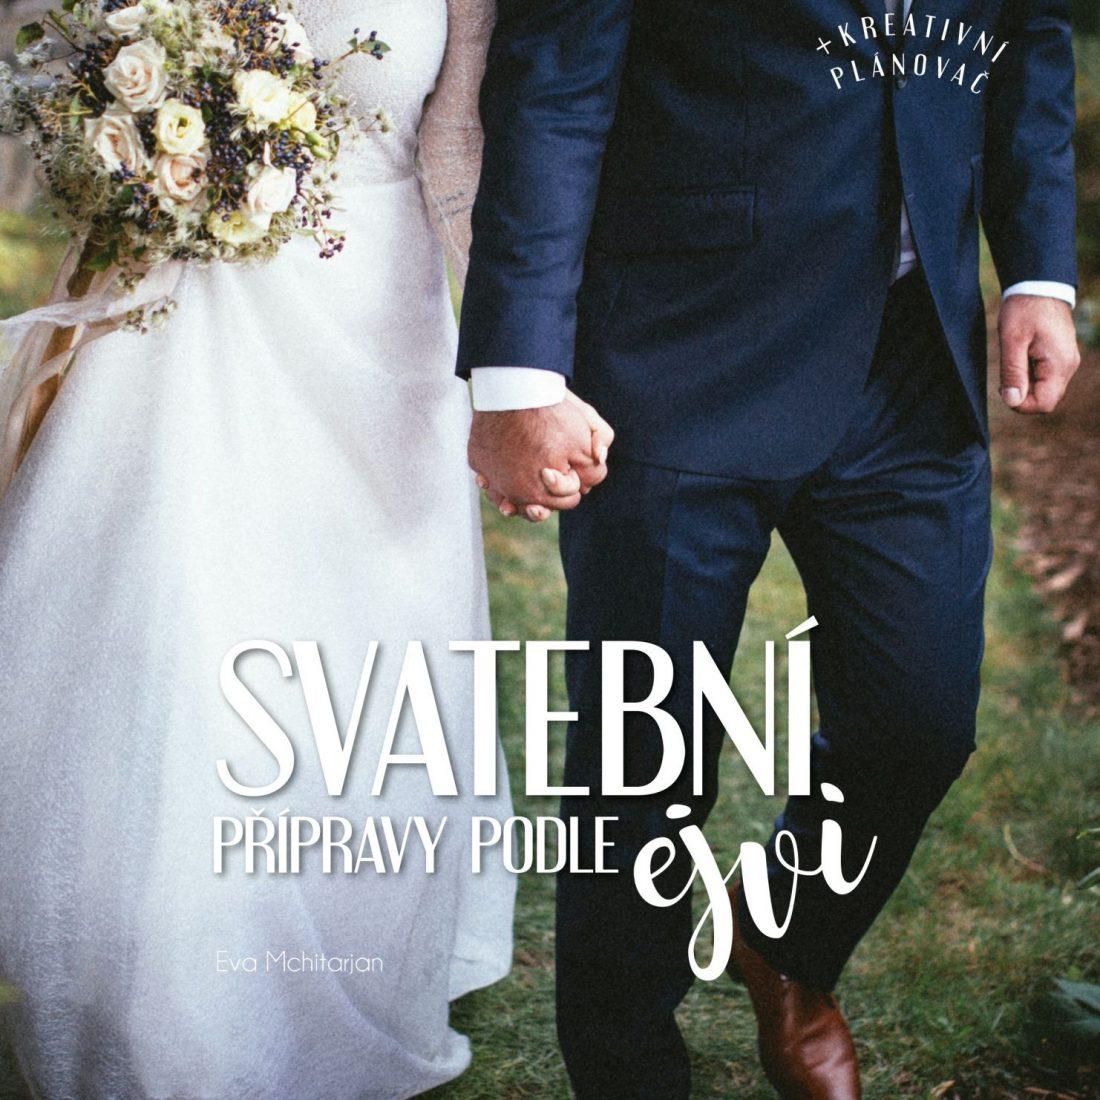 Svatební přípravy podle Ejvy - Eva Mchitarjan